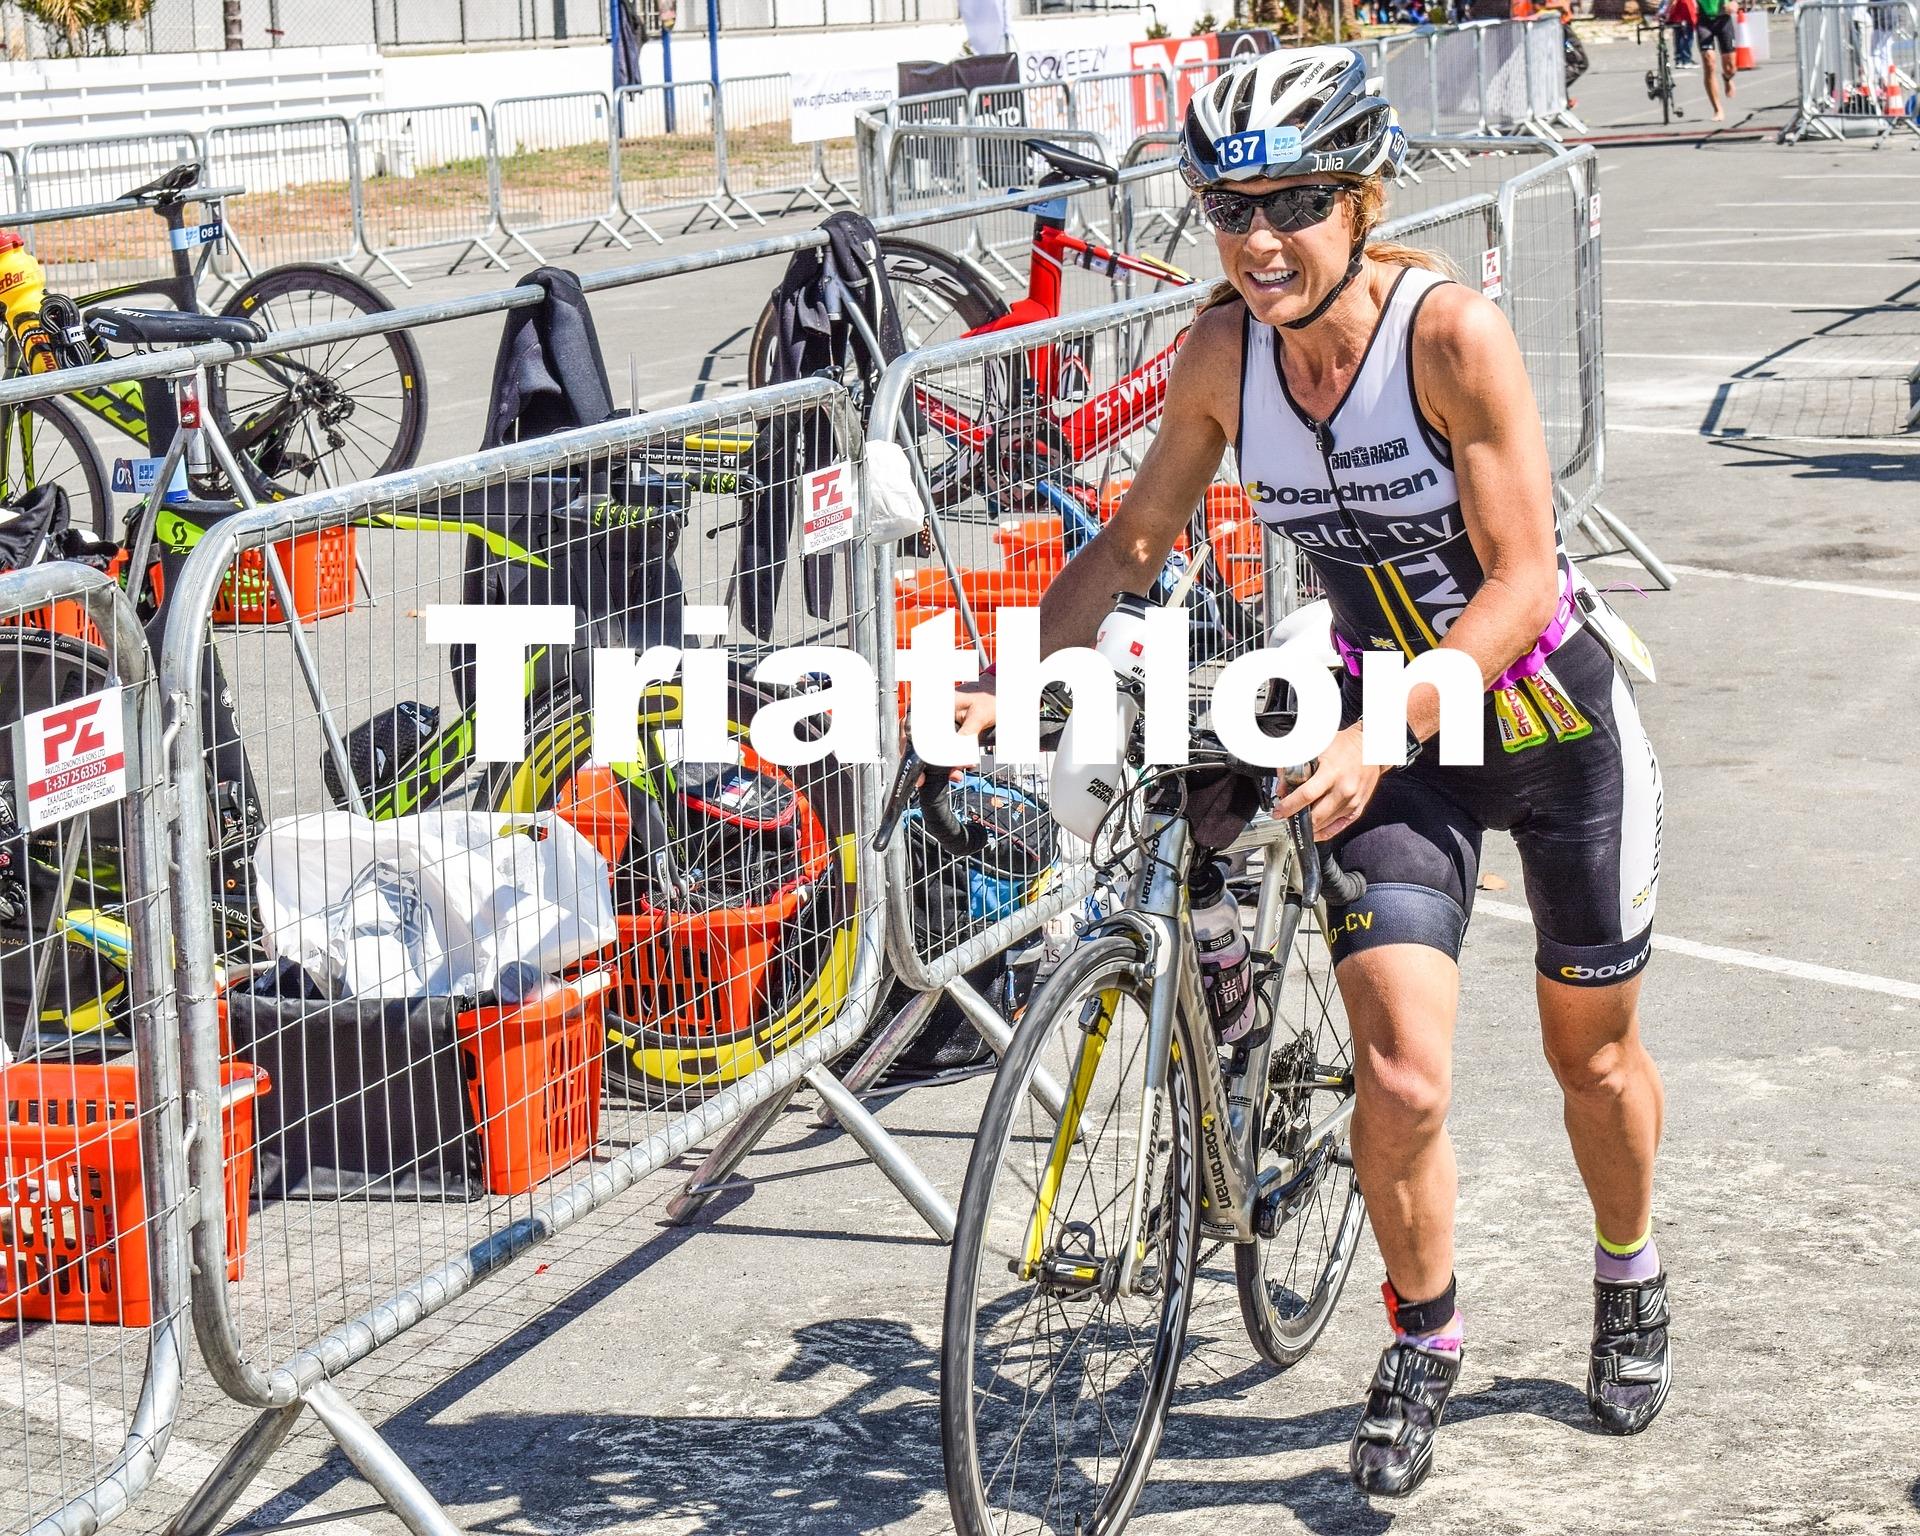 Merlin Cycle Coaching Triathlon